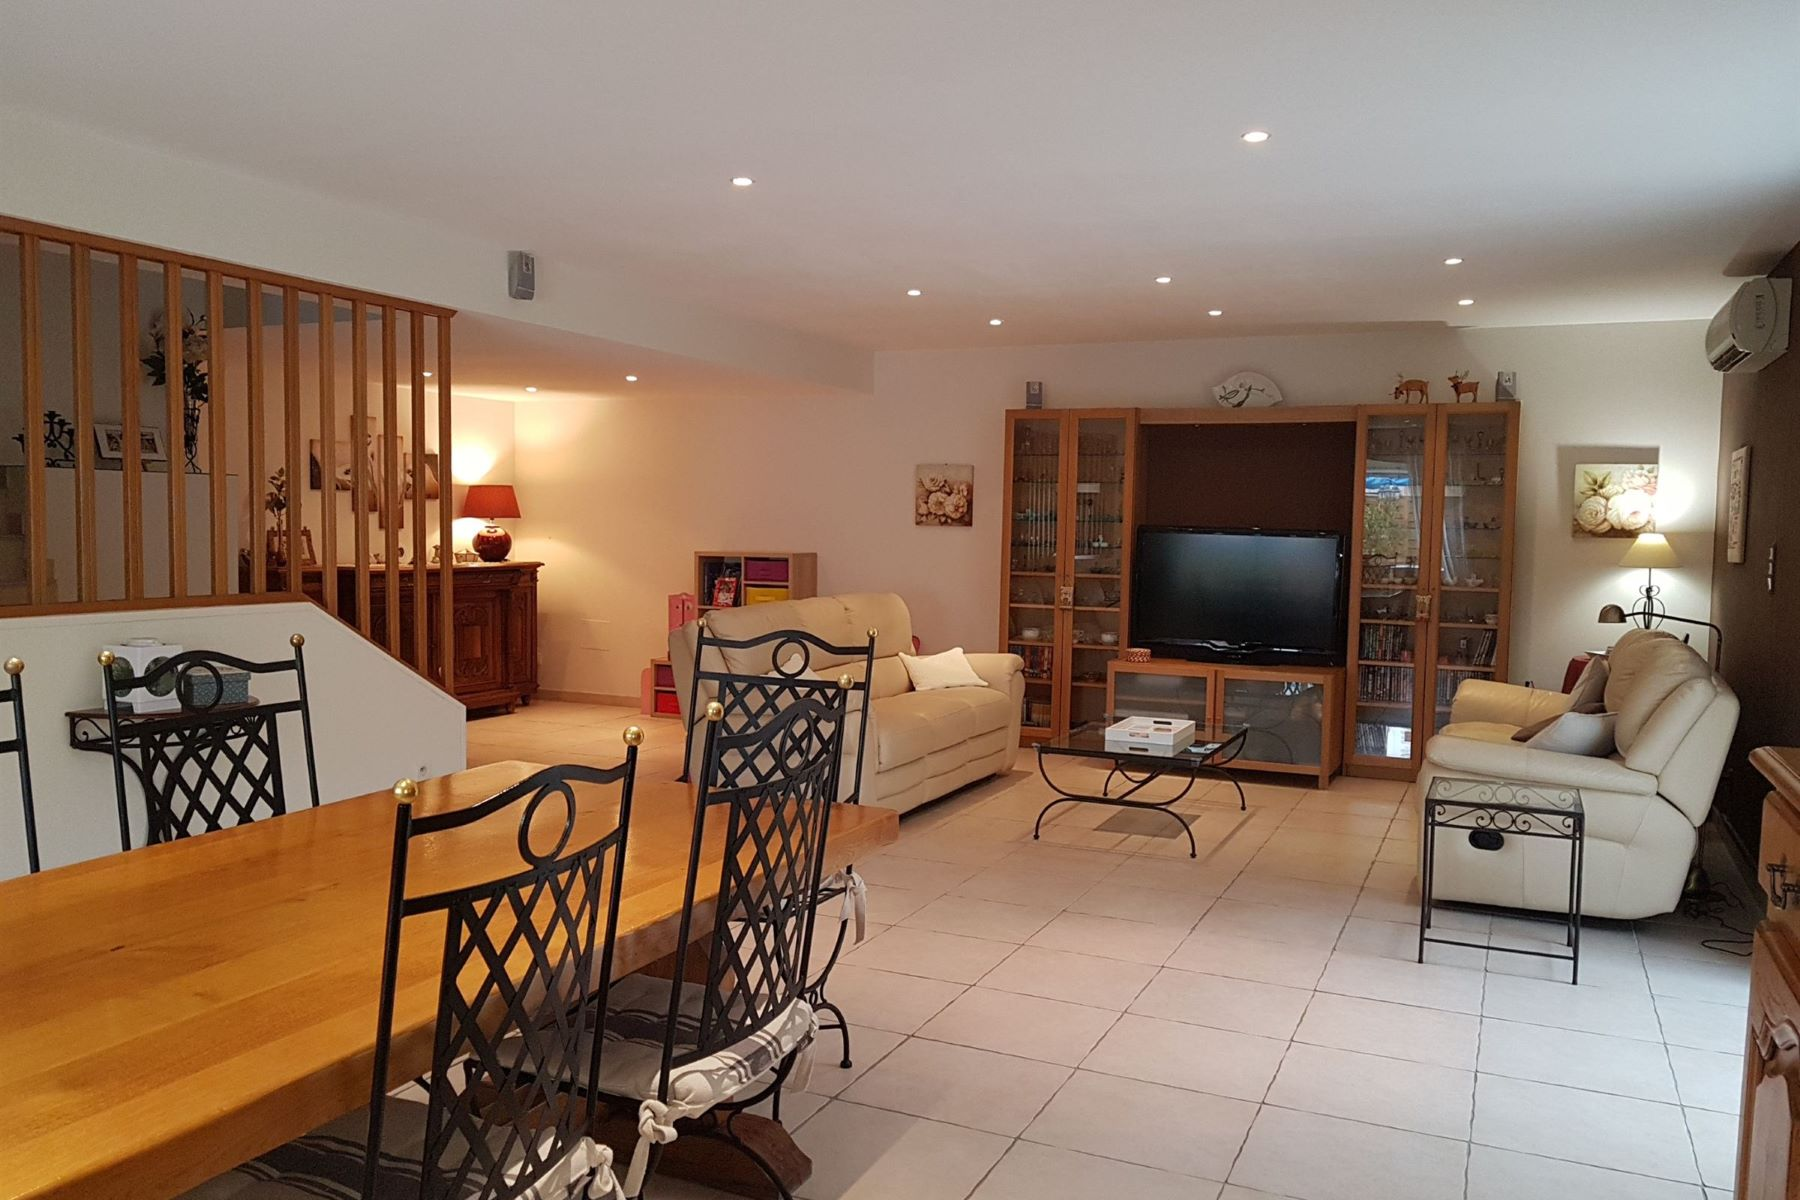 단독 가정 주택 용 매매 에 old wine cellar 5 bedrooms Pezenas, 랑그도크루시용주, 34120 프랑스